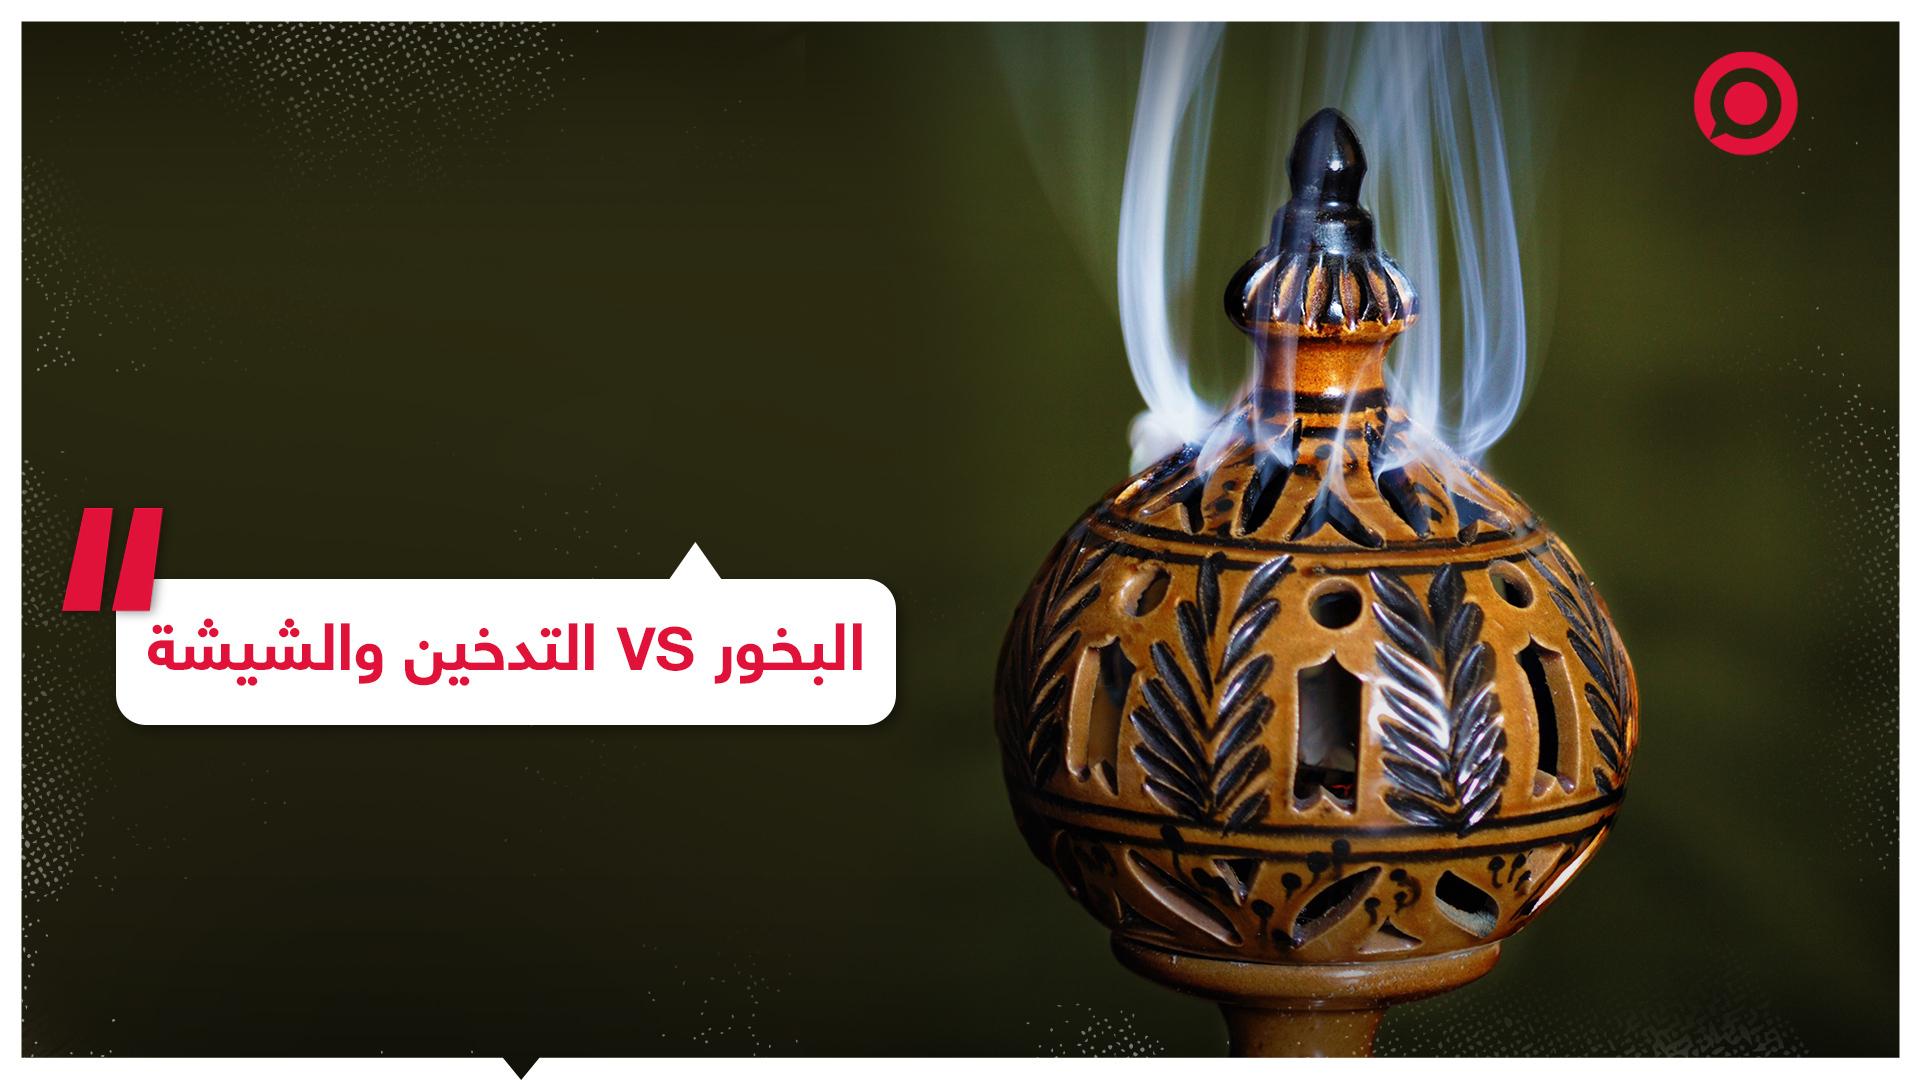 أستاذ مشارك سعودي يثير الجدل بتصريحاته حول